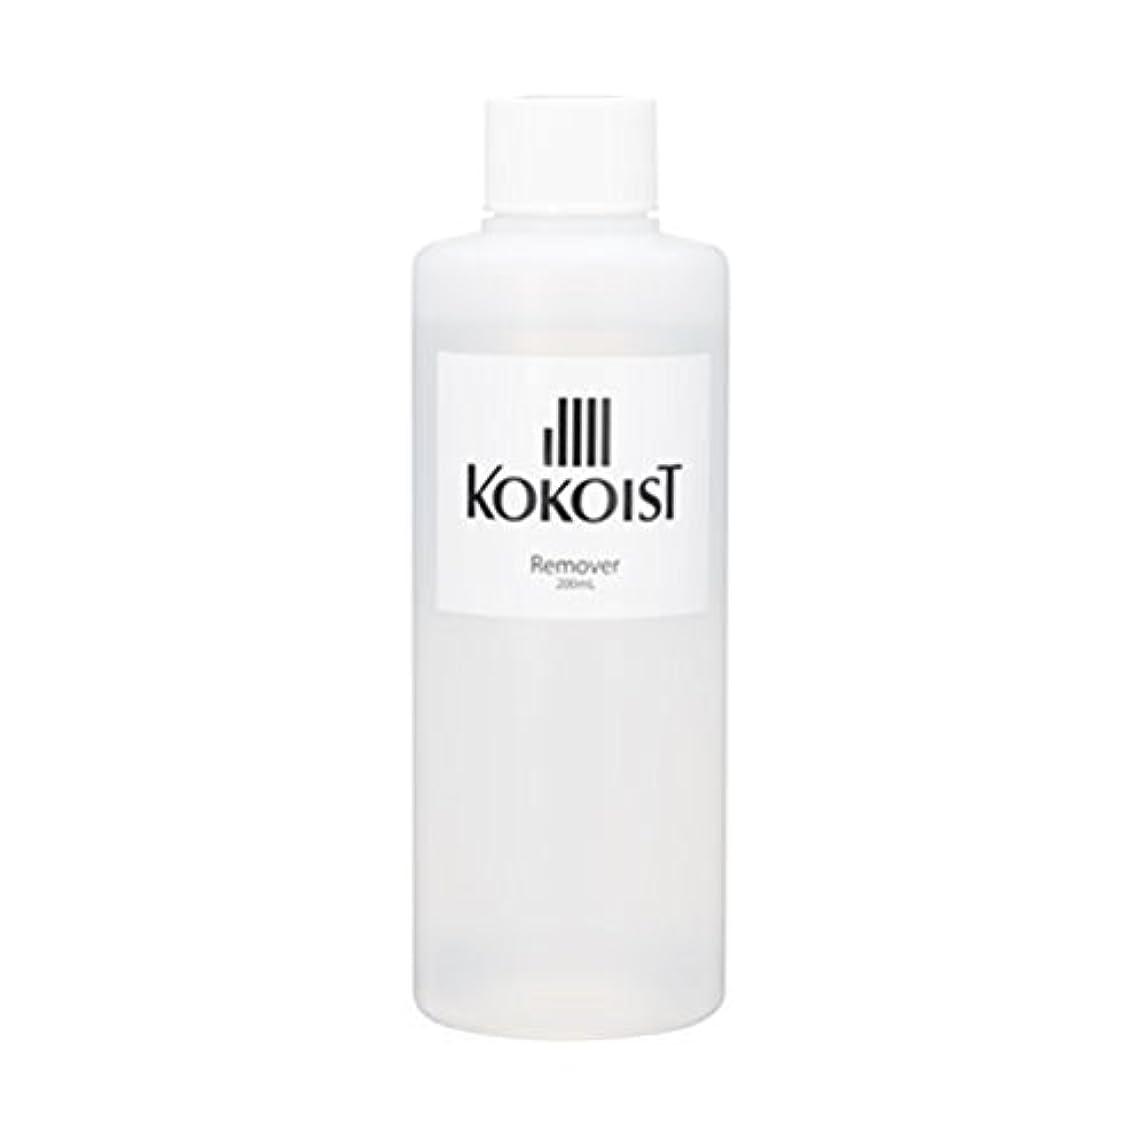 野心的凝視貫通するKOKOIST(ココイスト) リムーバー 200ml